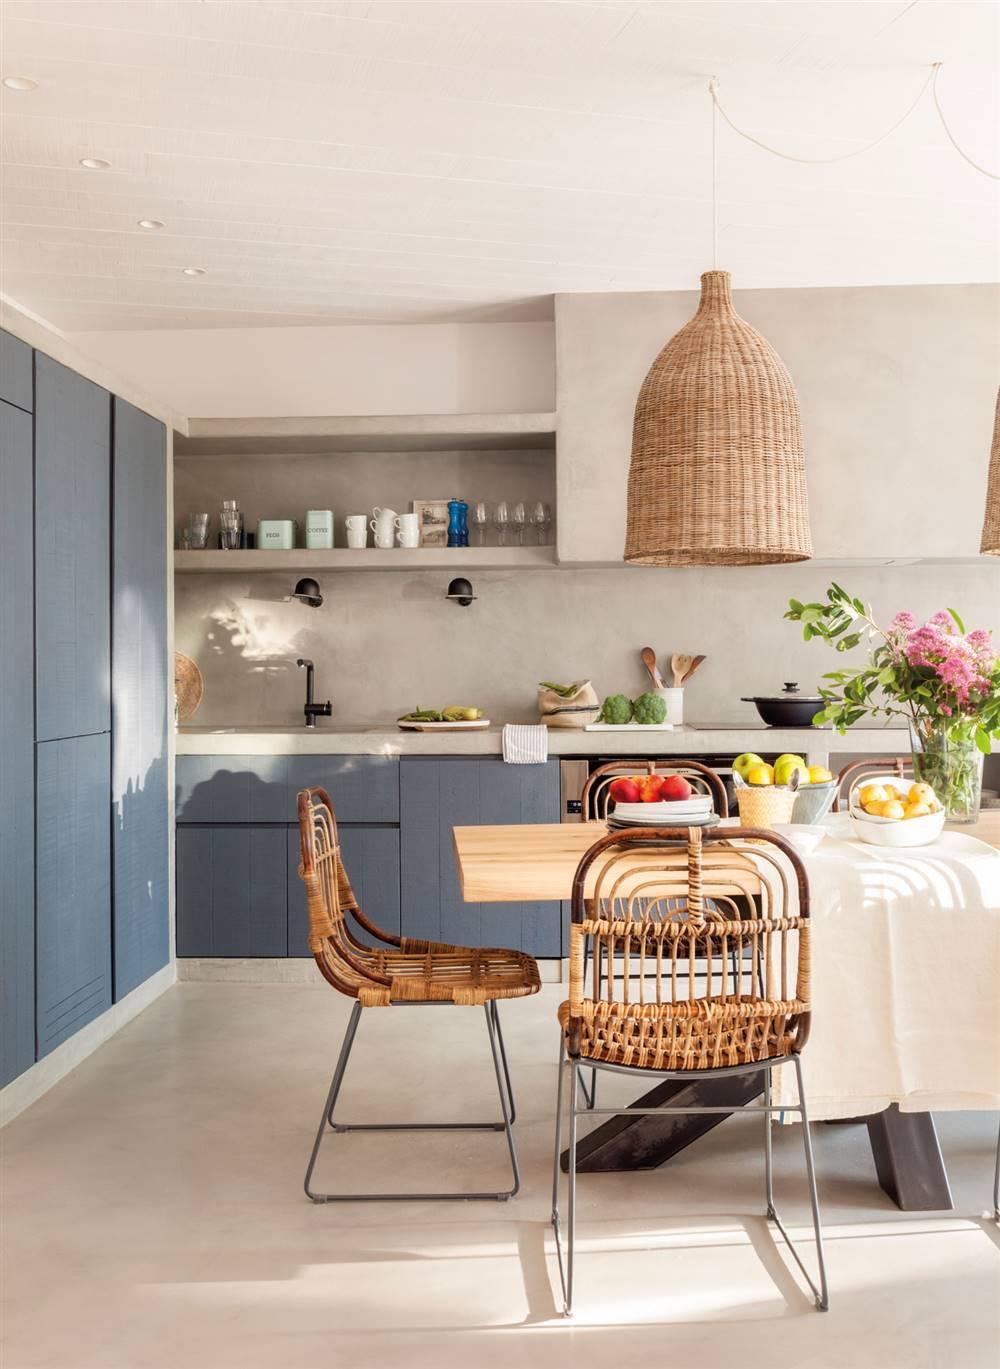 1082 fotos de muebles de cocina for Fotos de muebles de cocina